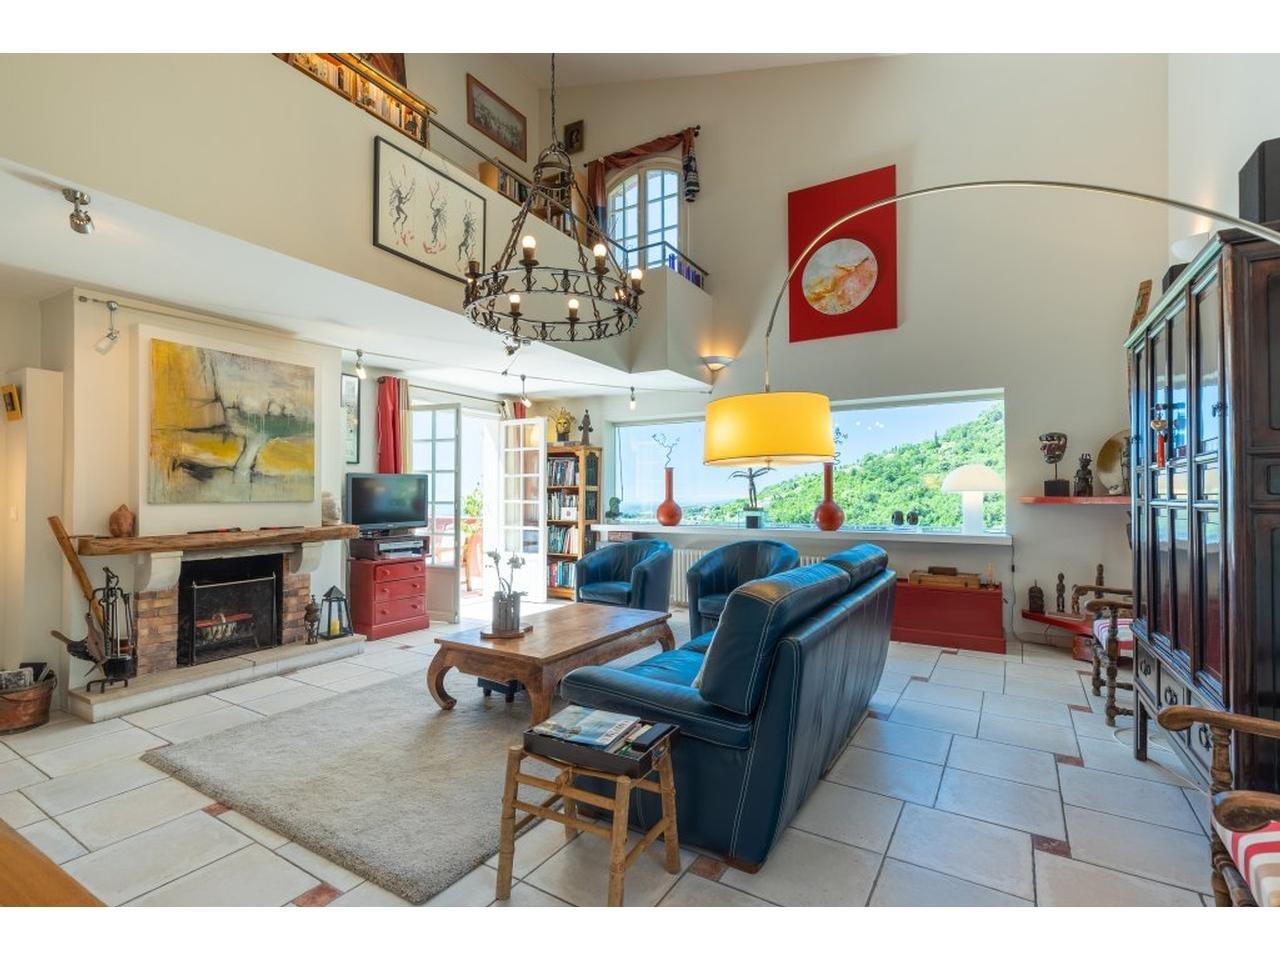 Maison  11 Rooms 320m2  for sale   980000 €